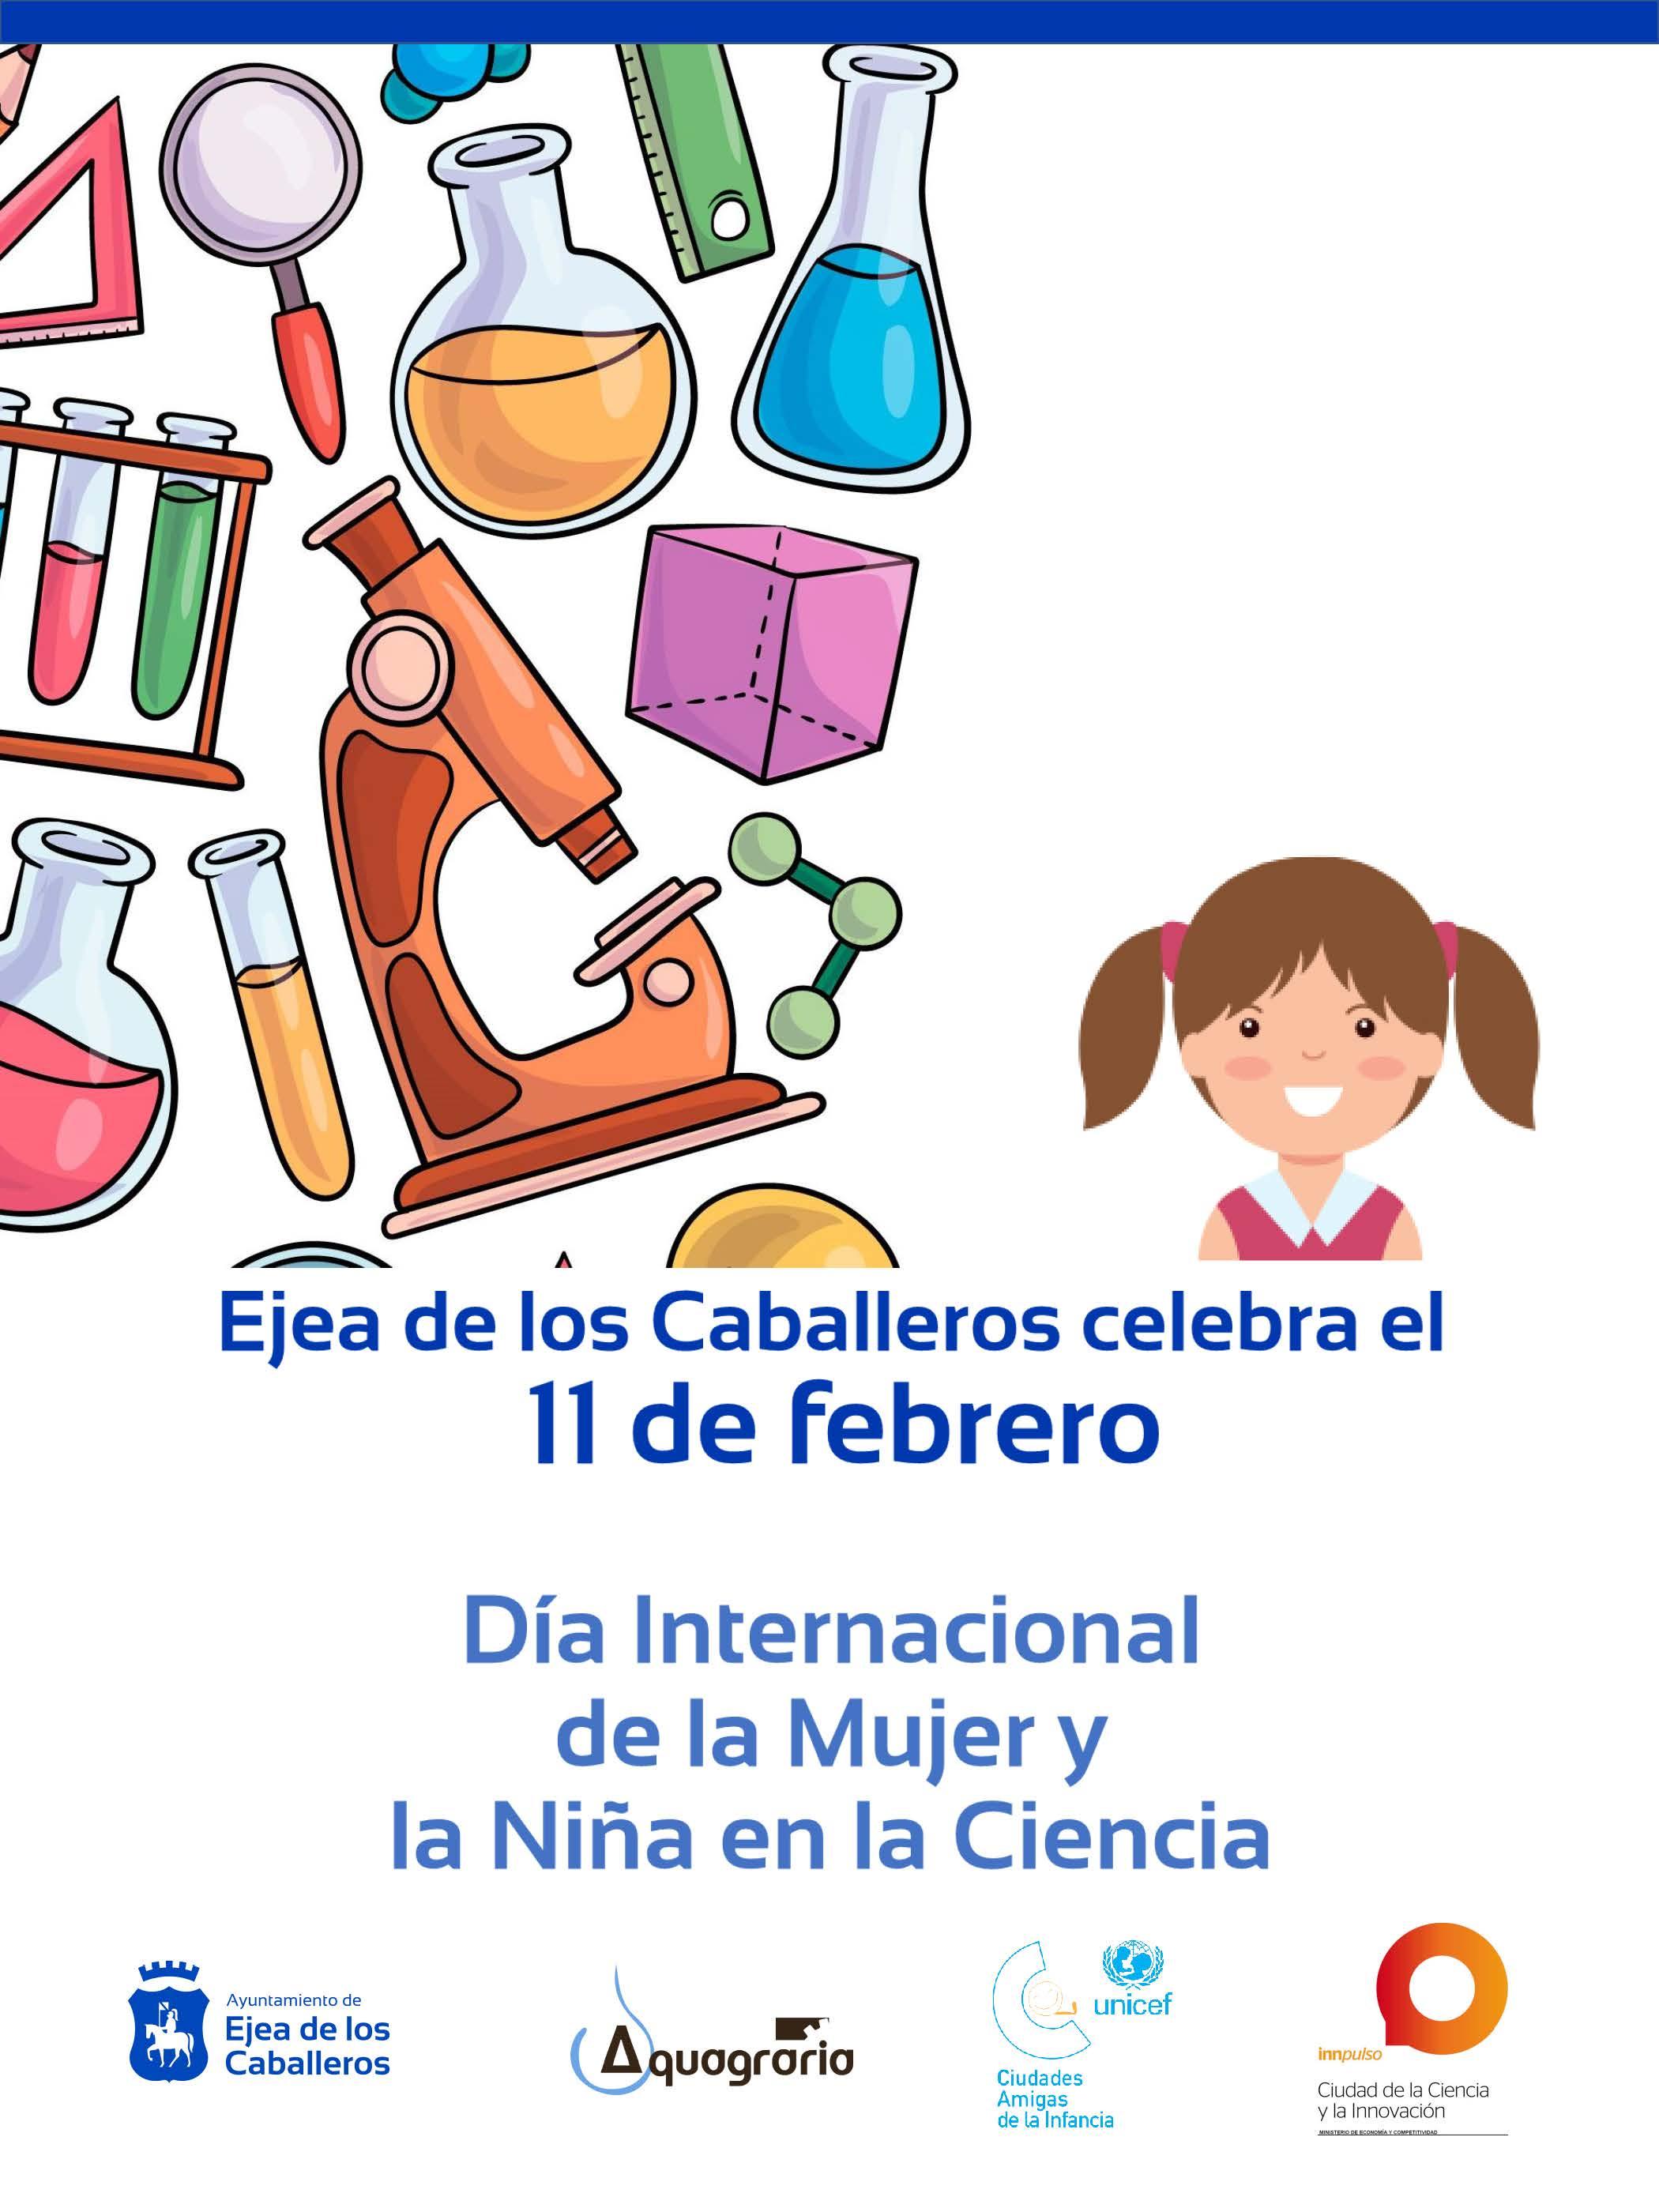 Celebración del Día Internacional de la Mujer y la Niña en la Ciencia. Más diversidad, mejor ciencia.